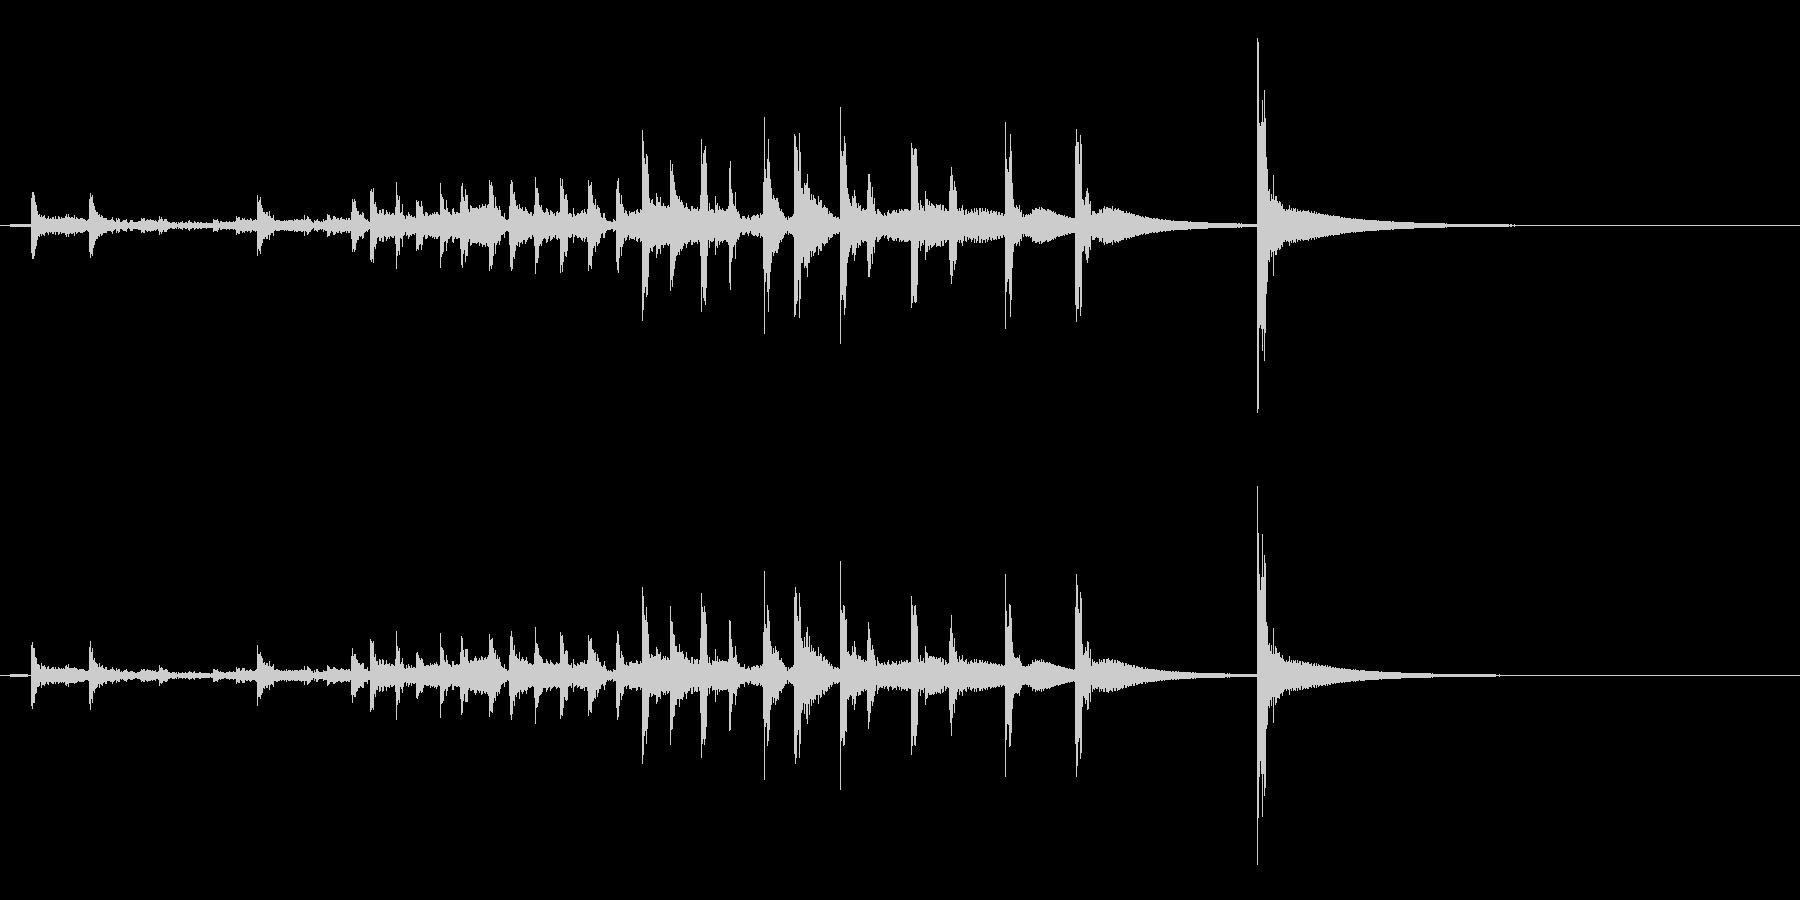 うちわ太皷の連打フレーズ音の未再生の波形